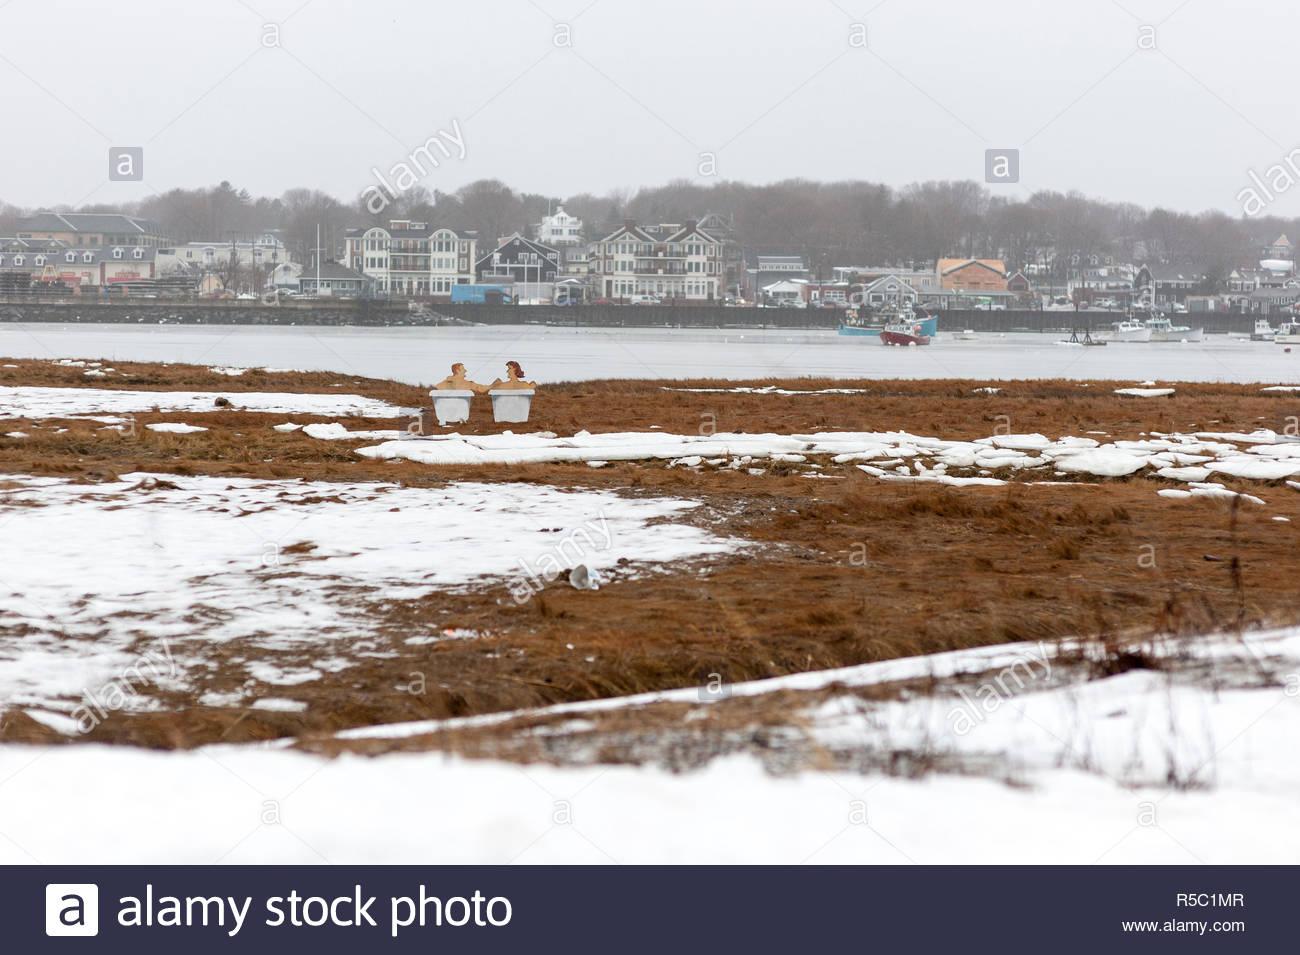 Scituate, Massachusetts, EE.UU. - 7 de enero de 2009: un primer vistazo sugiere una pareja relajantes bañeras en áreas adyacentes en un frío día de invierno Imagen De Stock